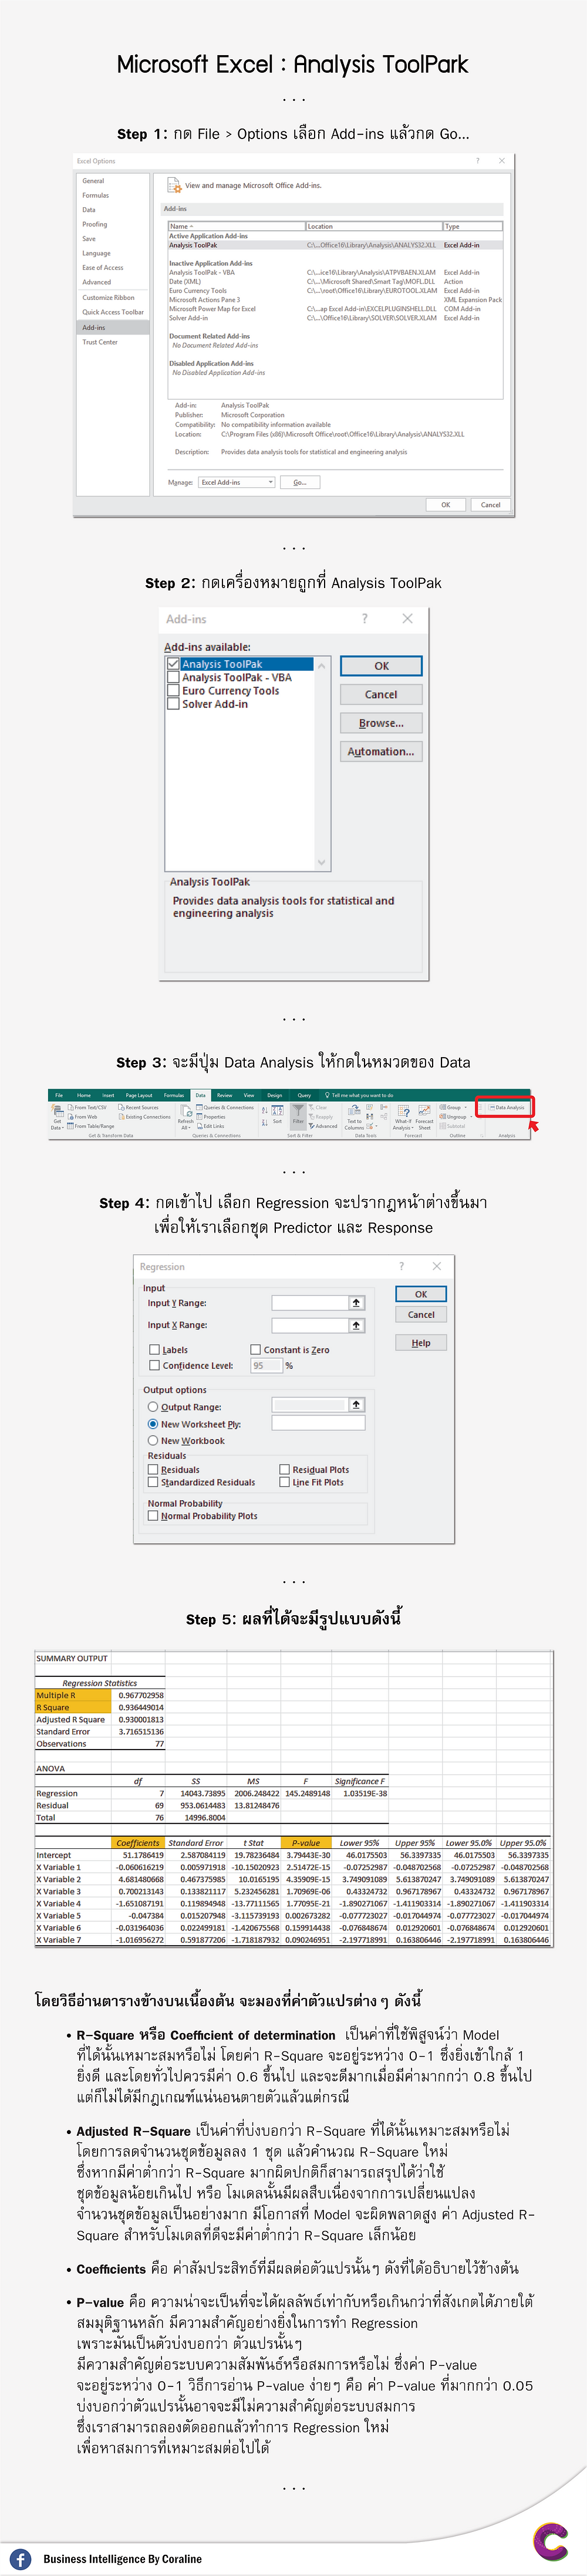 Analysis ToolPark